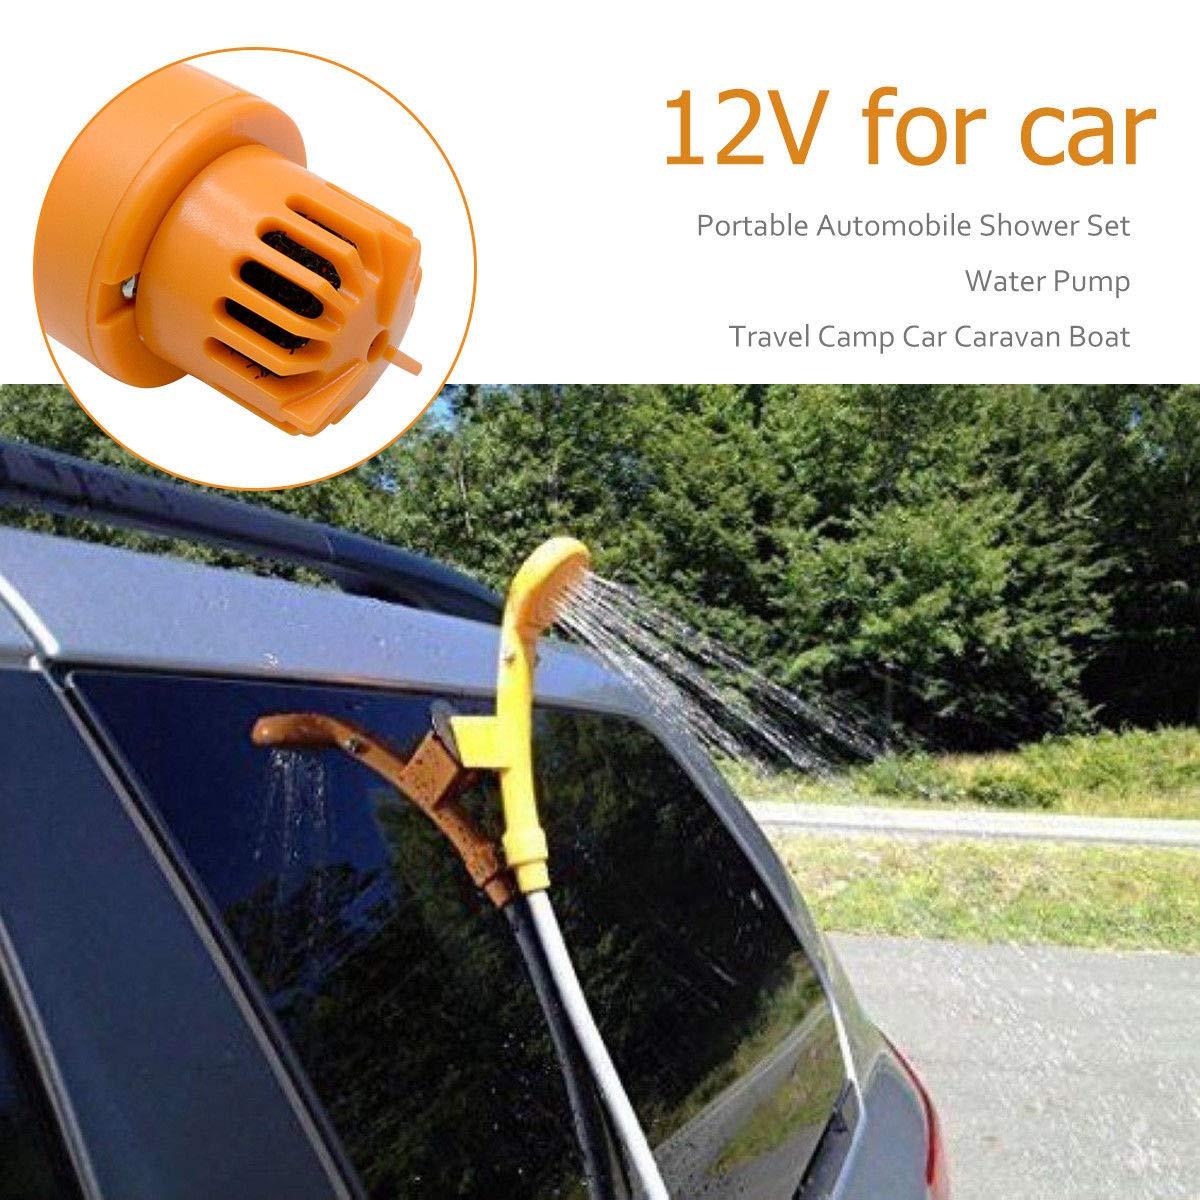 12V Portable Automobile Shower Set Water Pump Travel Camp Car Caravan Boat UK